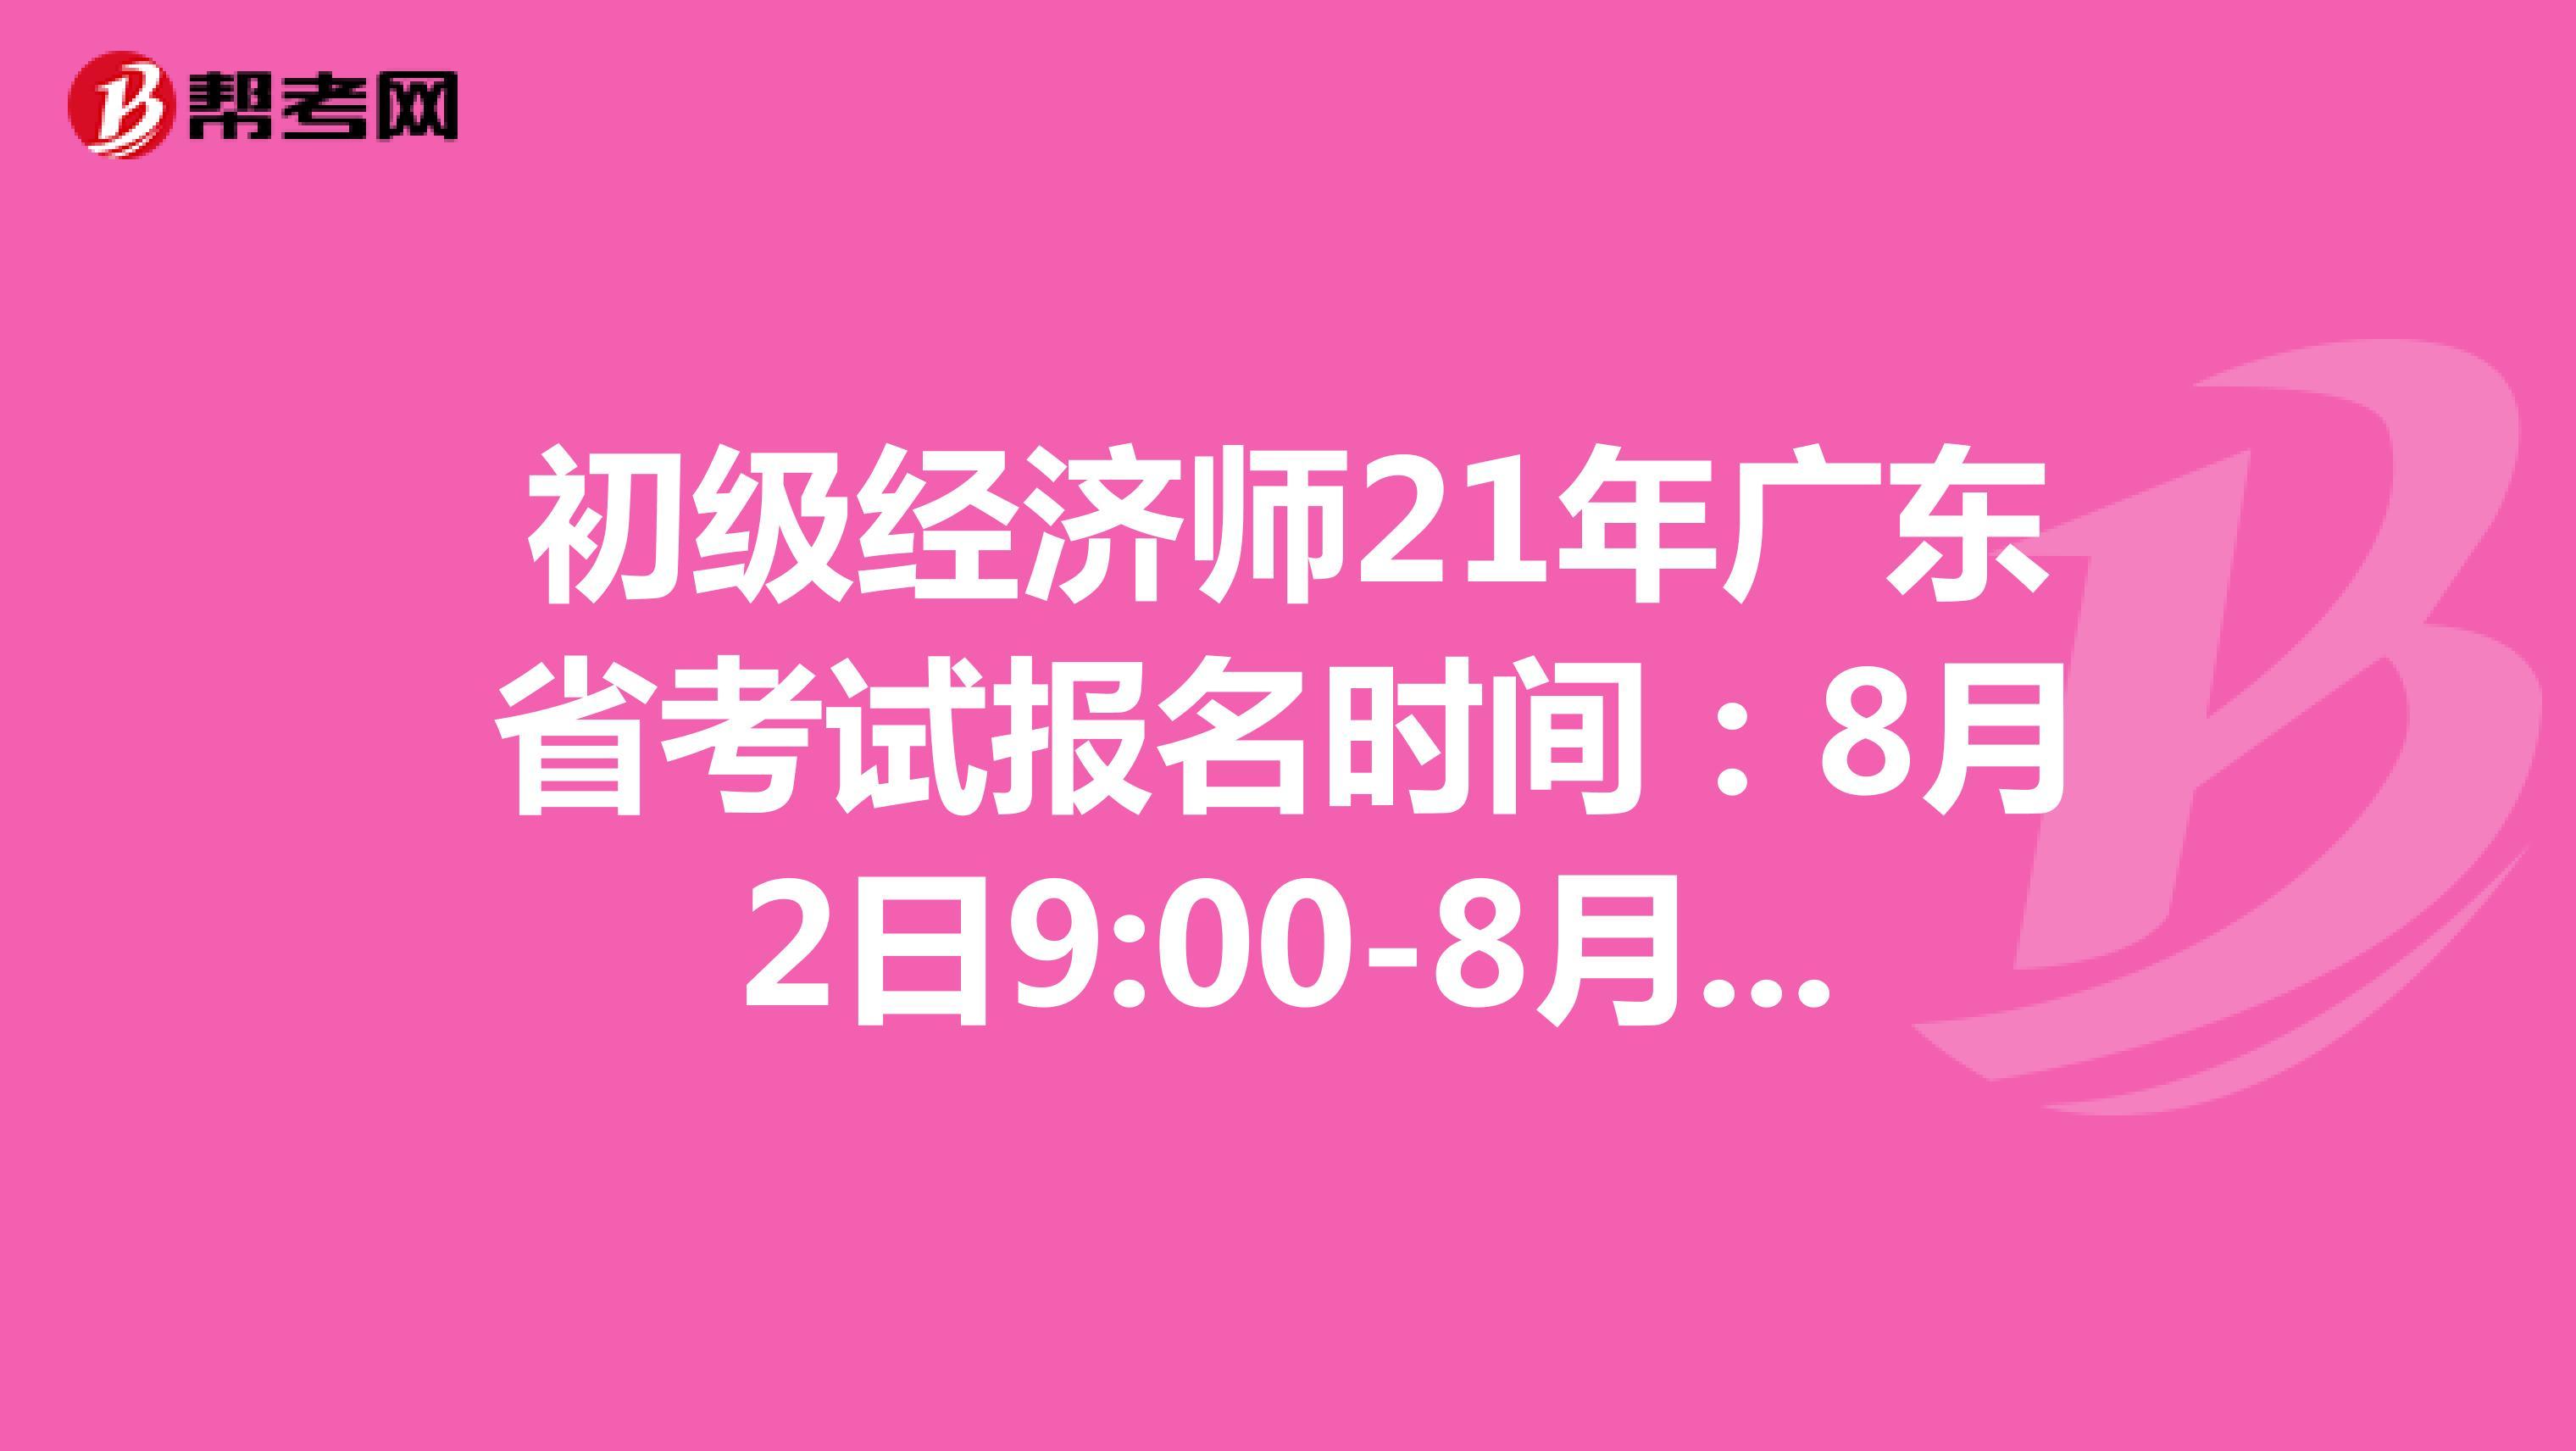 初级经济师21年广东省考试报名时间:8月2日9:00-8月11日17:00